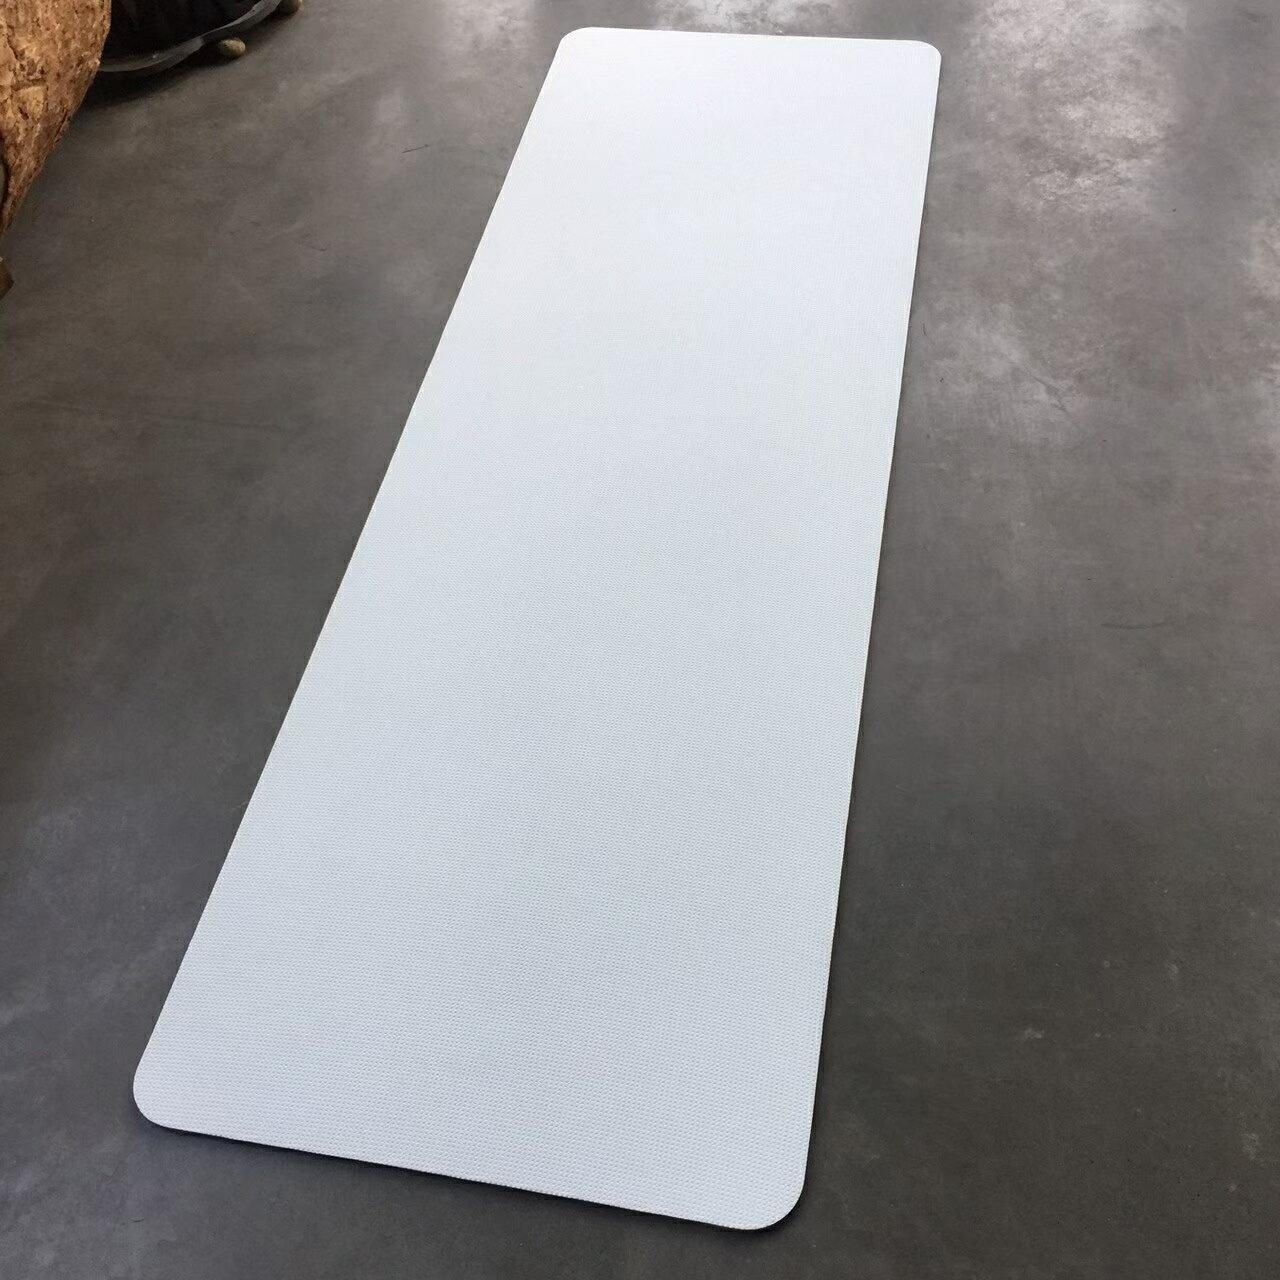 居家防疫 居家運動 健身 可水洗|瑜珈墊 6mm 單色系列 瑜珈 健身 運動 伸展 拉筋 靜坐 放鬆【QMAT】